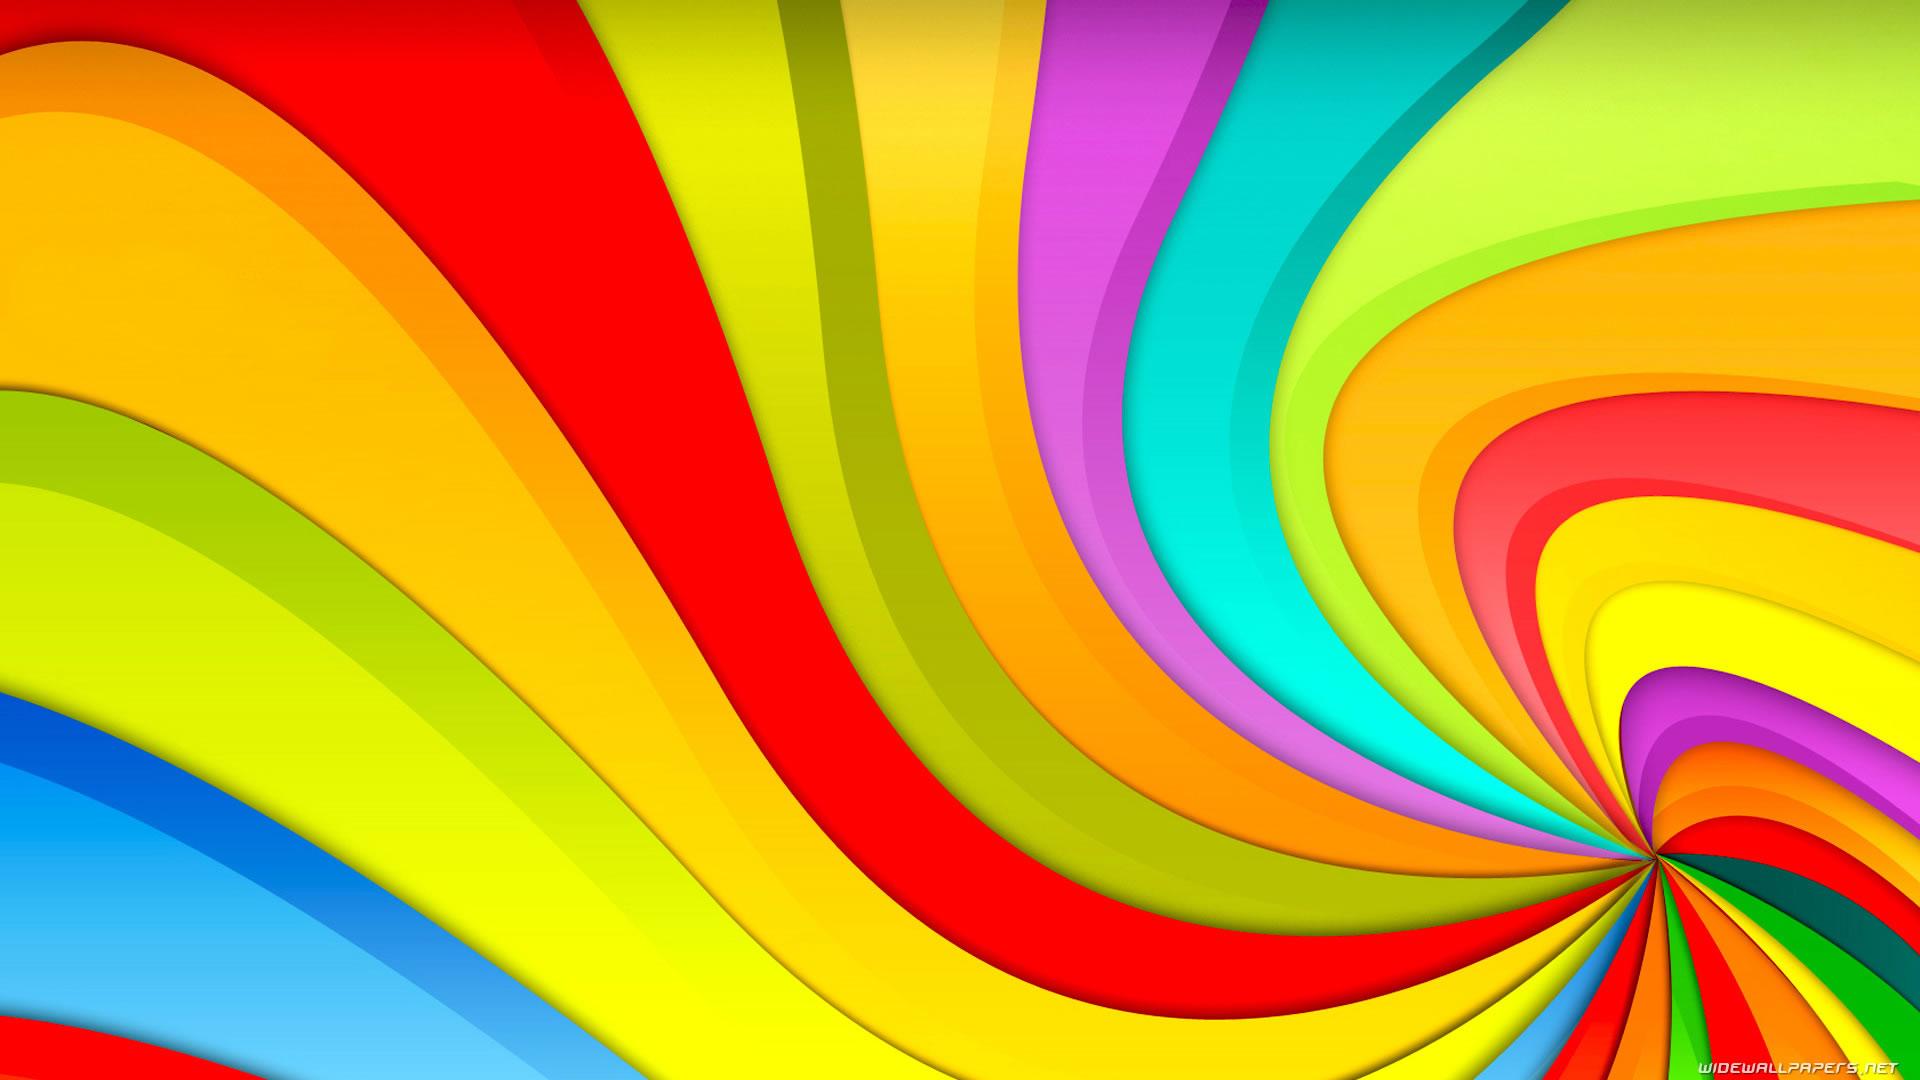 Como hacer una caratula de artes plasticas imagui for Caratulas de artes plasticas para secundaria